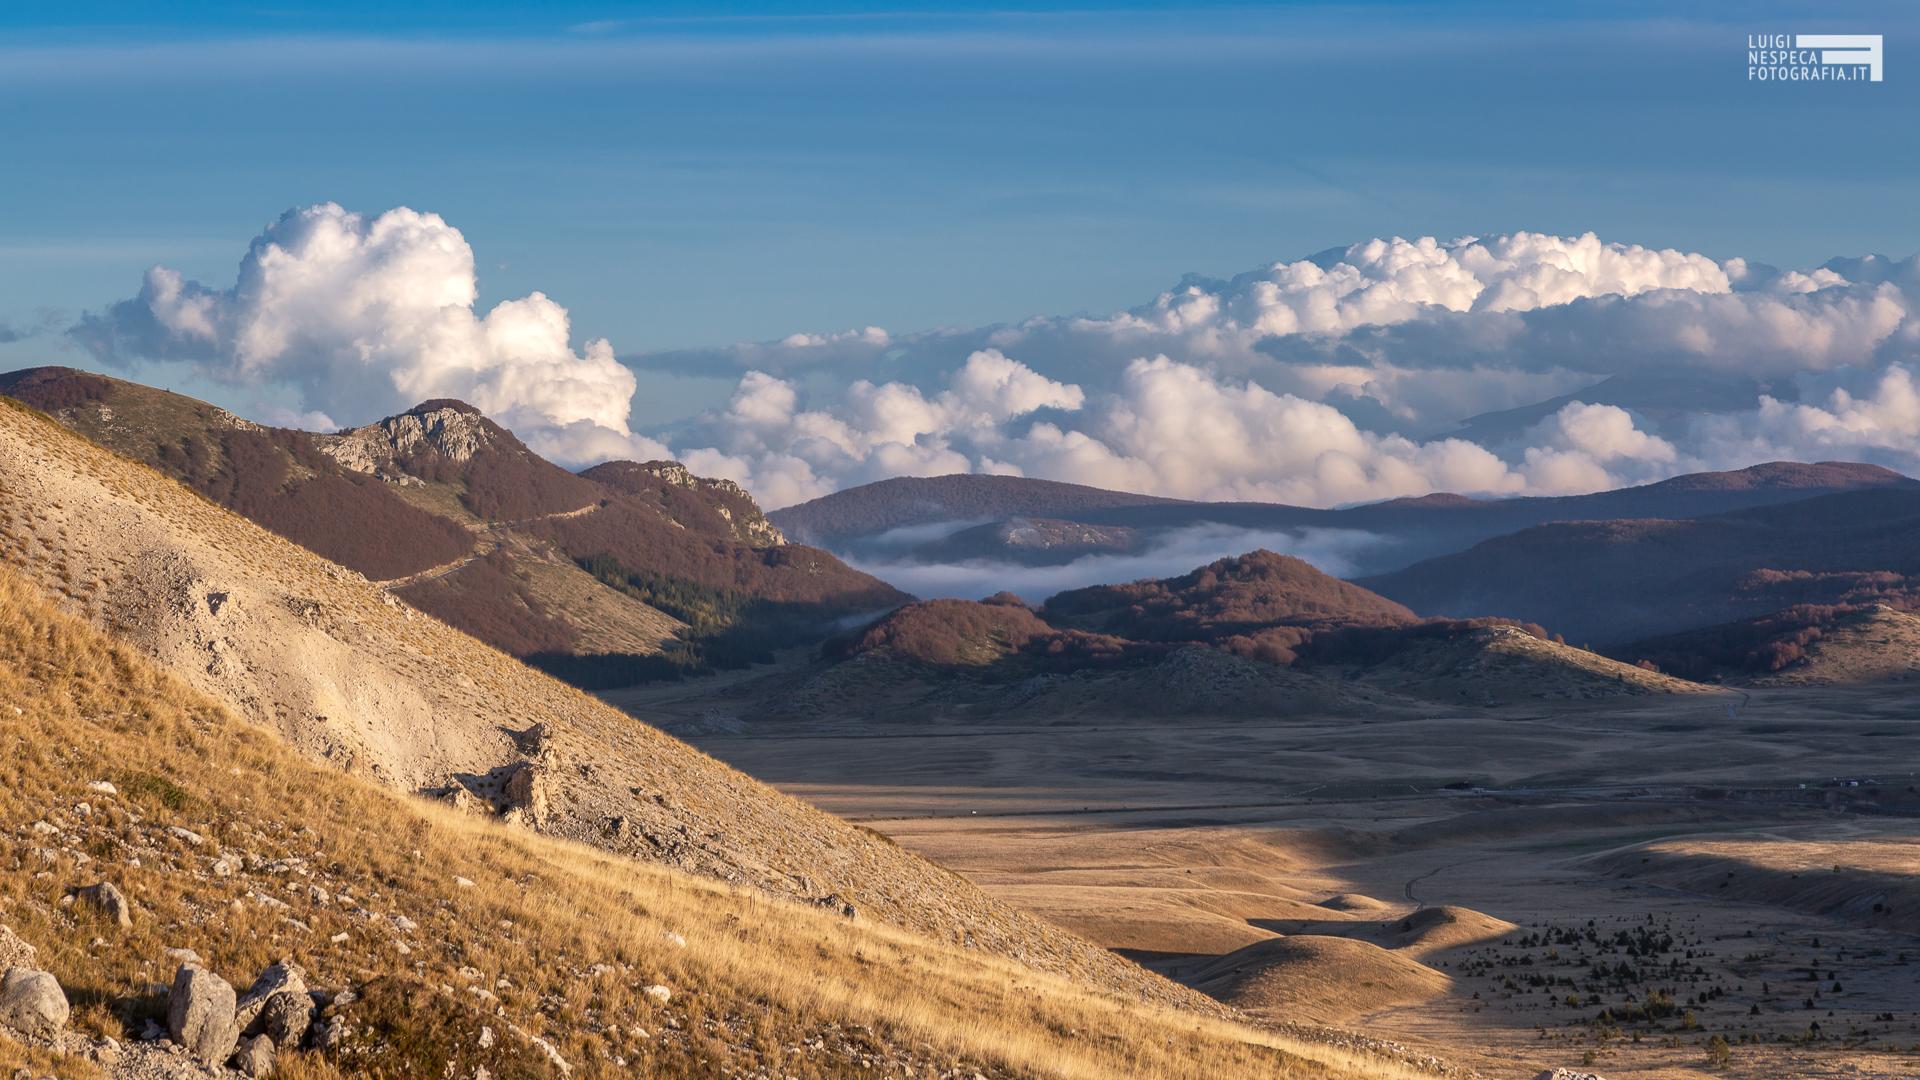 51 - Le colline del Voltigno al Tramonto - Campo Imperatore